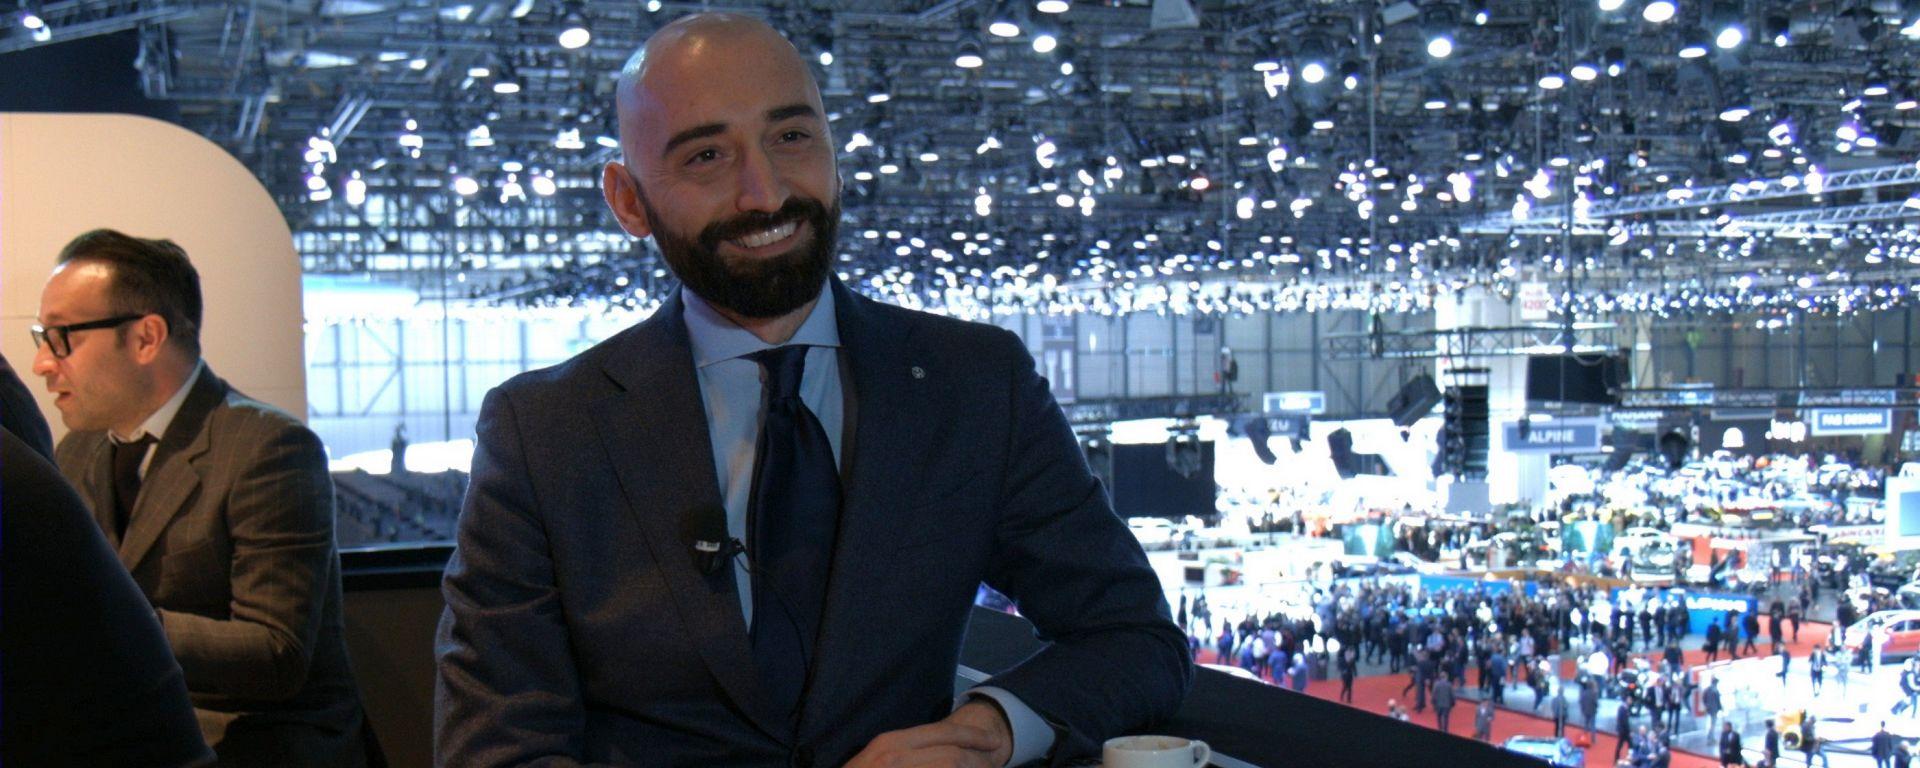 Fabio di Luigi, Direttore Marketing Volkswagen, Salone di Ginevra 2017, intervista